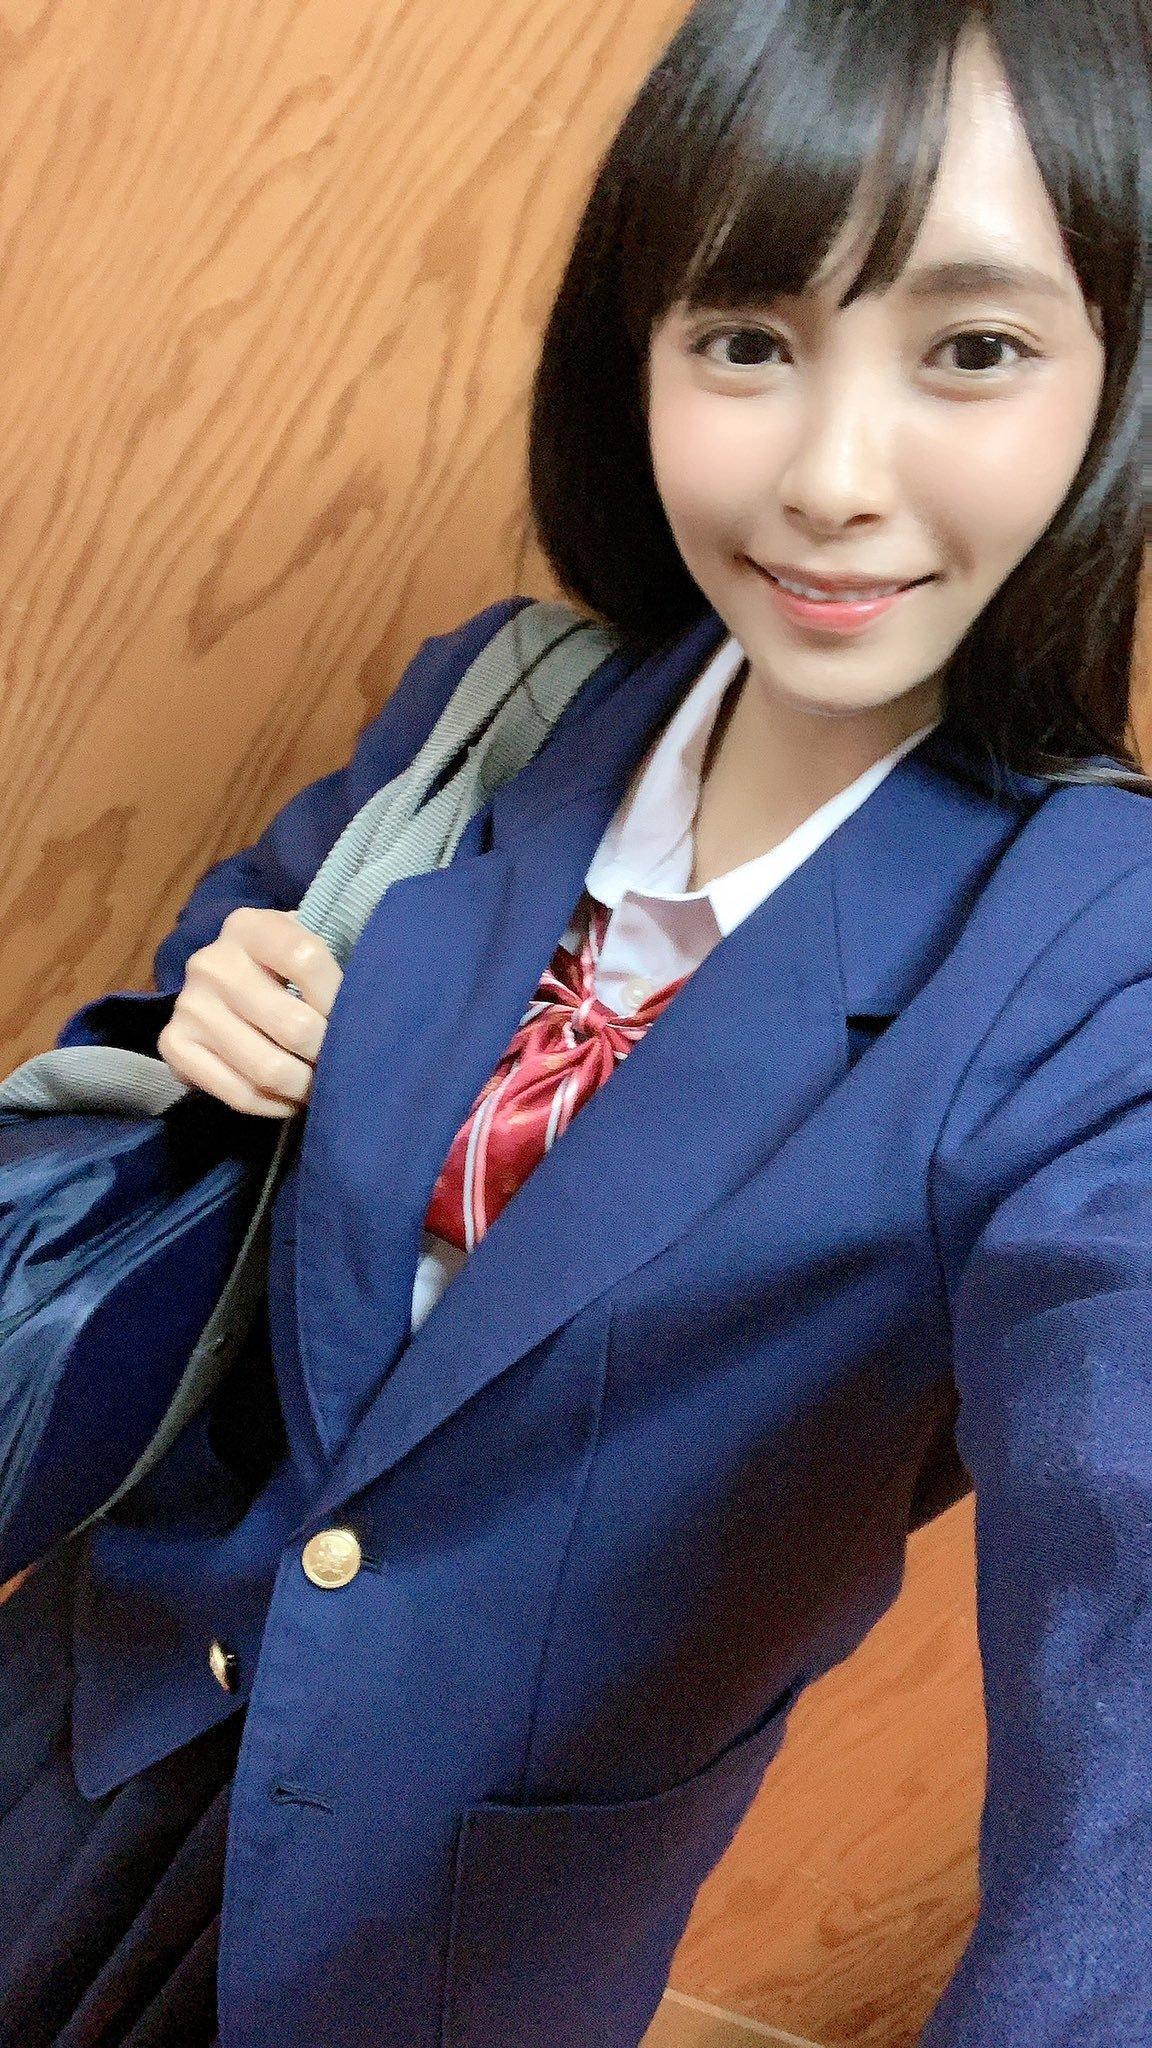 深田咏美再现魅魔 葵铃奈瘦小水着插图(36)